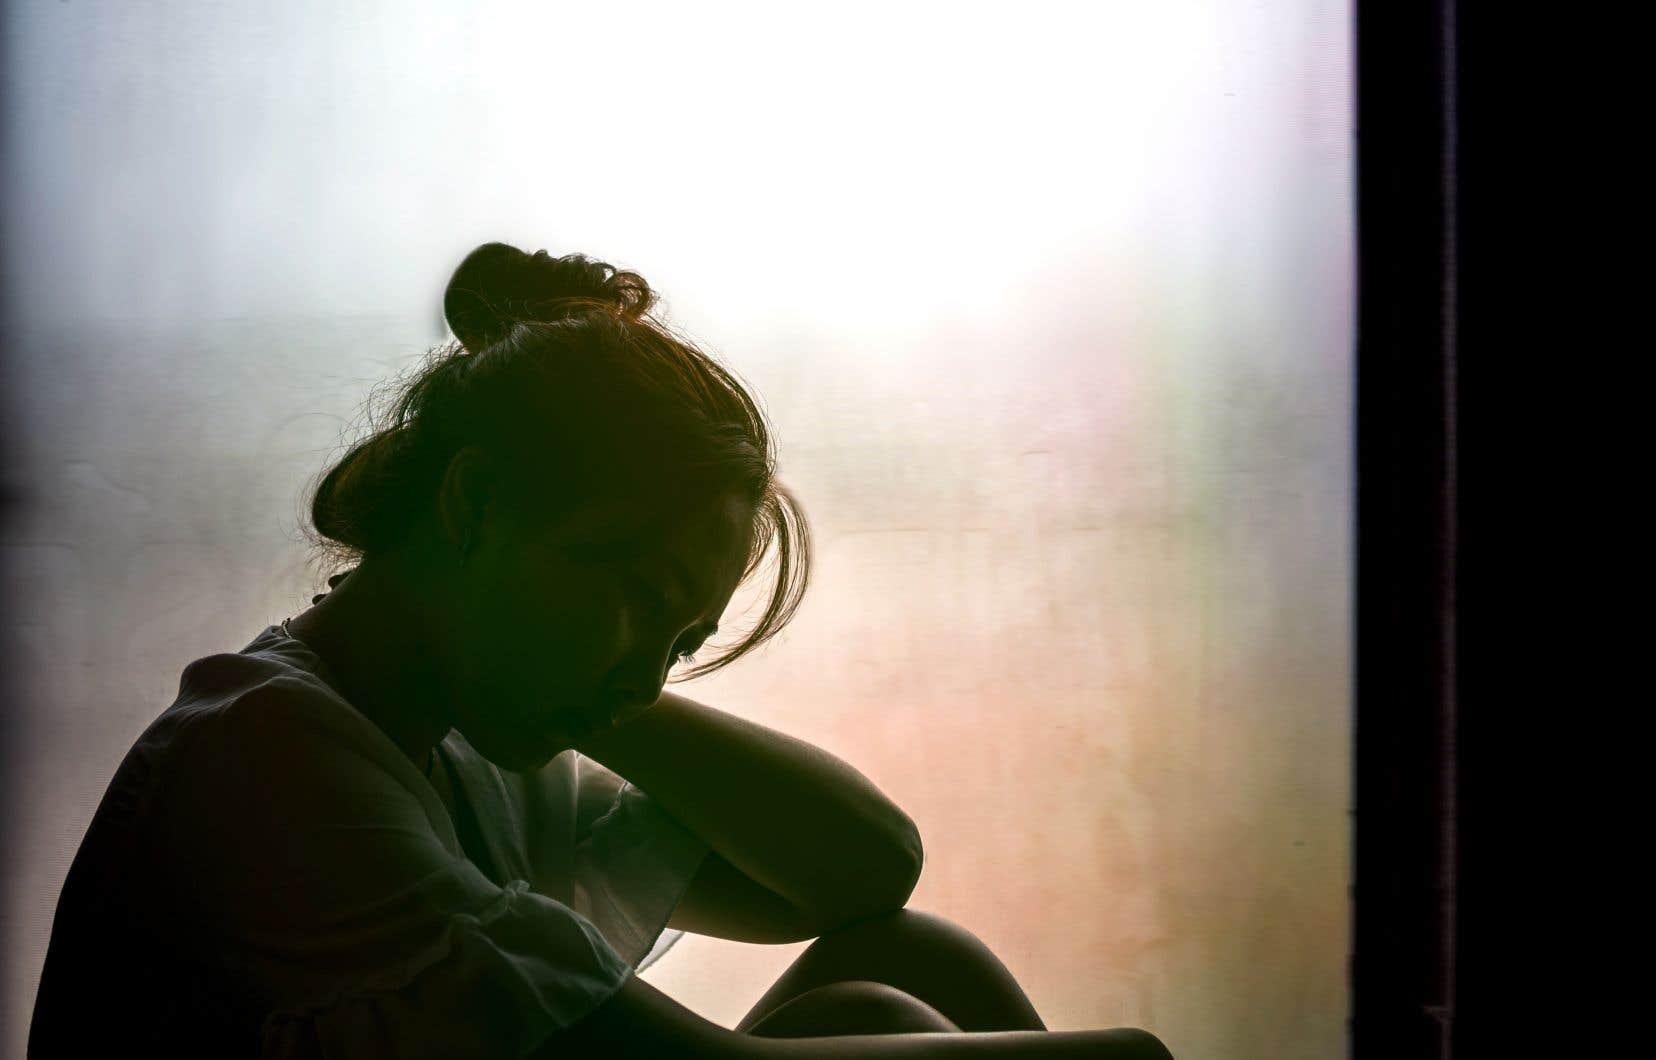 Les adolescents et leurs parents semblent aussi avoir besoin d'un peu d'aide en cette période de confinement, a confié une porte-parole des services Tel-jeunes et LigneParents, où on constate une hausse de l'achalandage d'environ 30 % par jour depuis deux semaines.